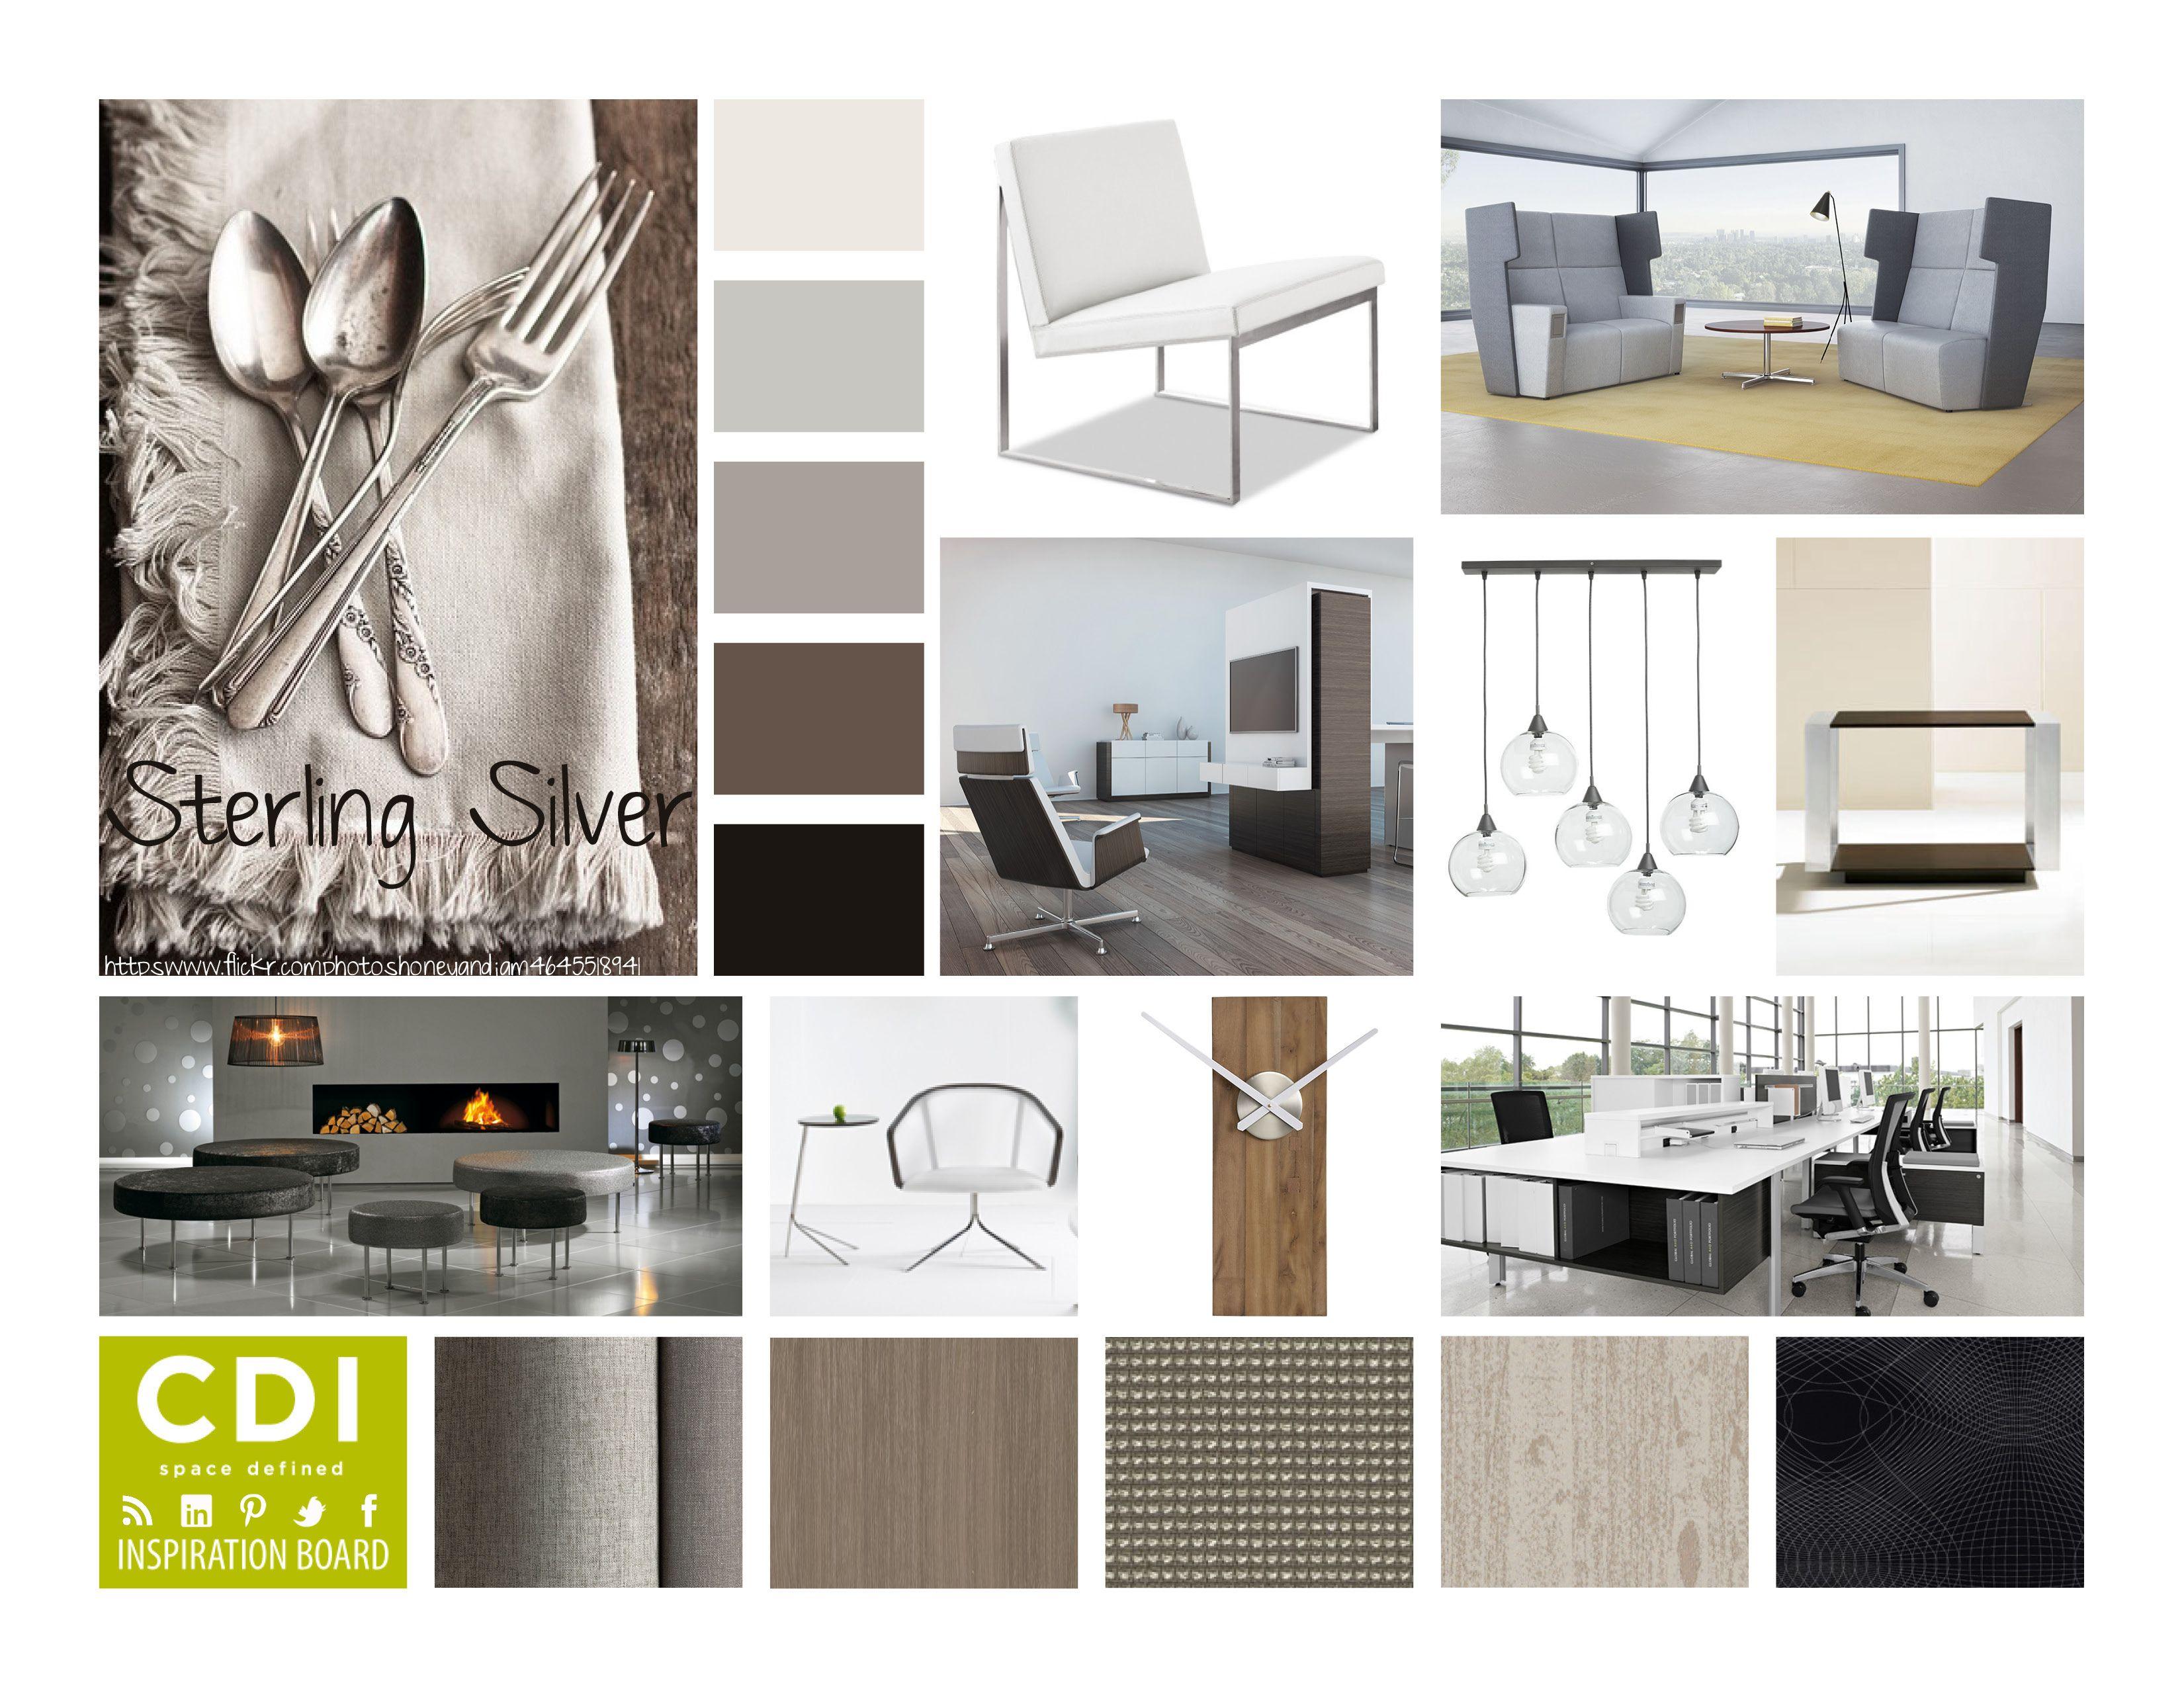 Inspiration Board Sterling Silver Interior Design Presentation Boards Materials Board Interior Design Interior Design Mood Board